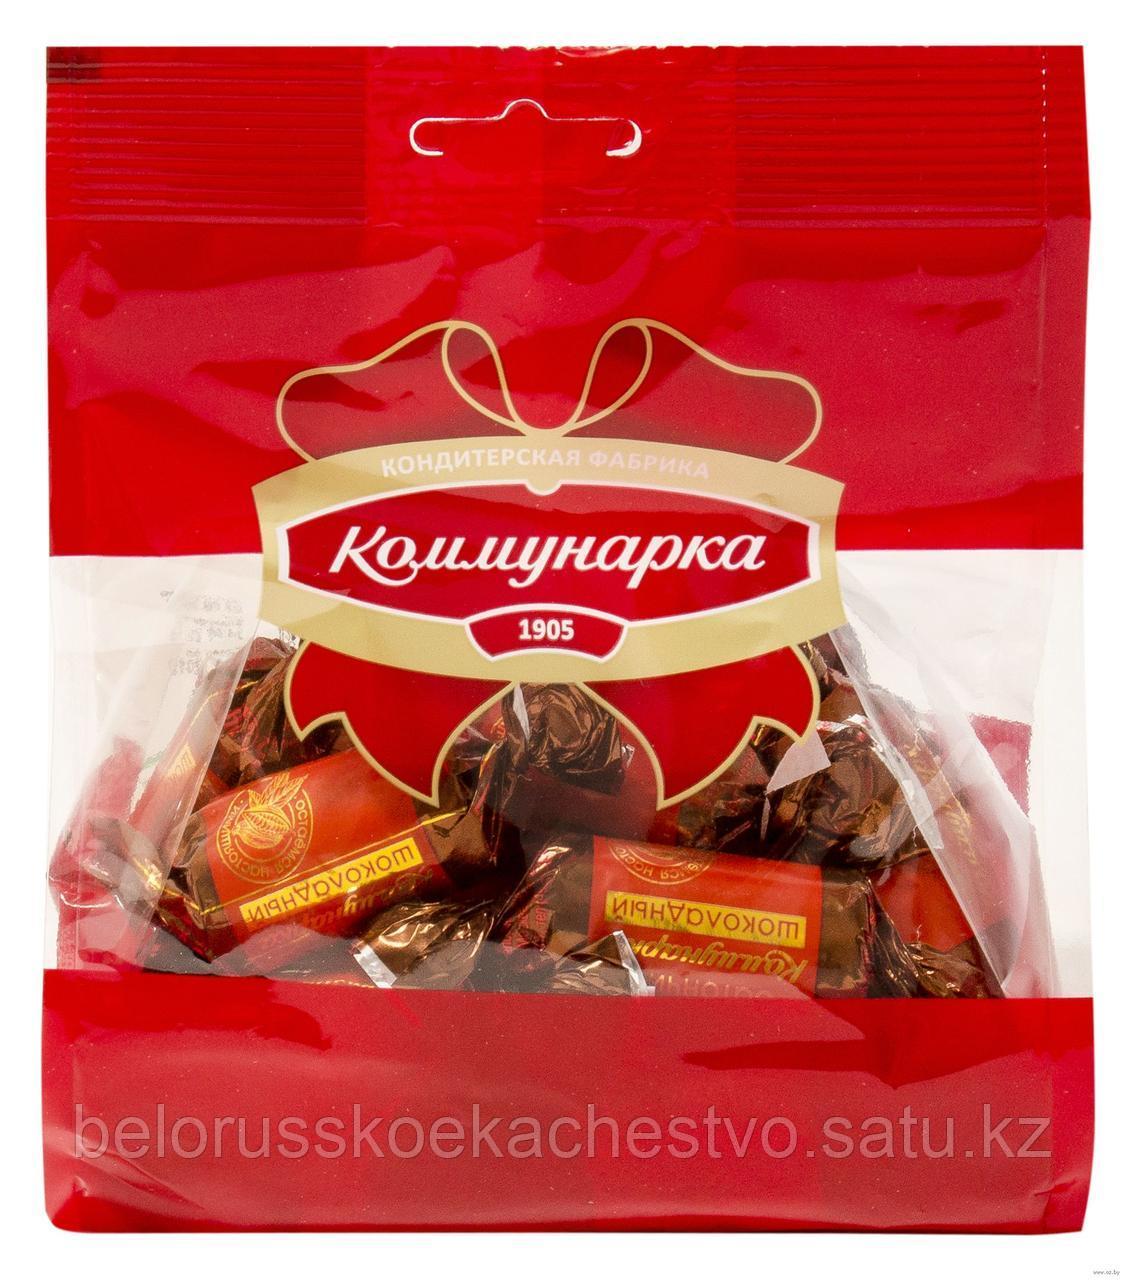 Батончик Коммунарка Шоколадный 200 г.